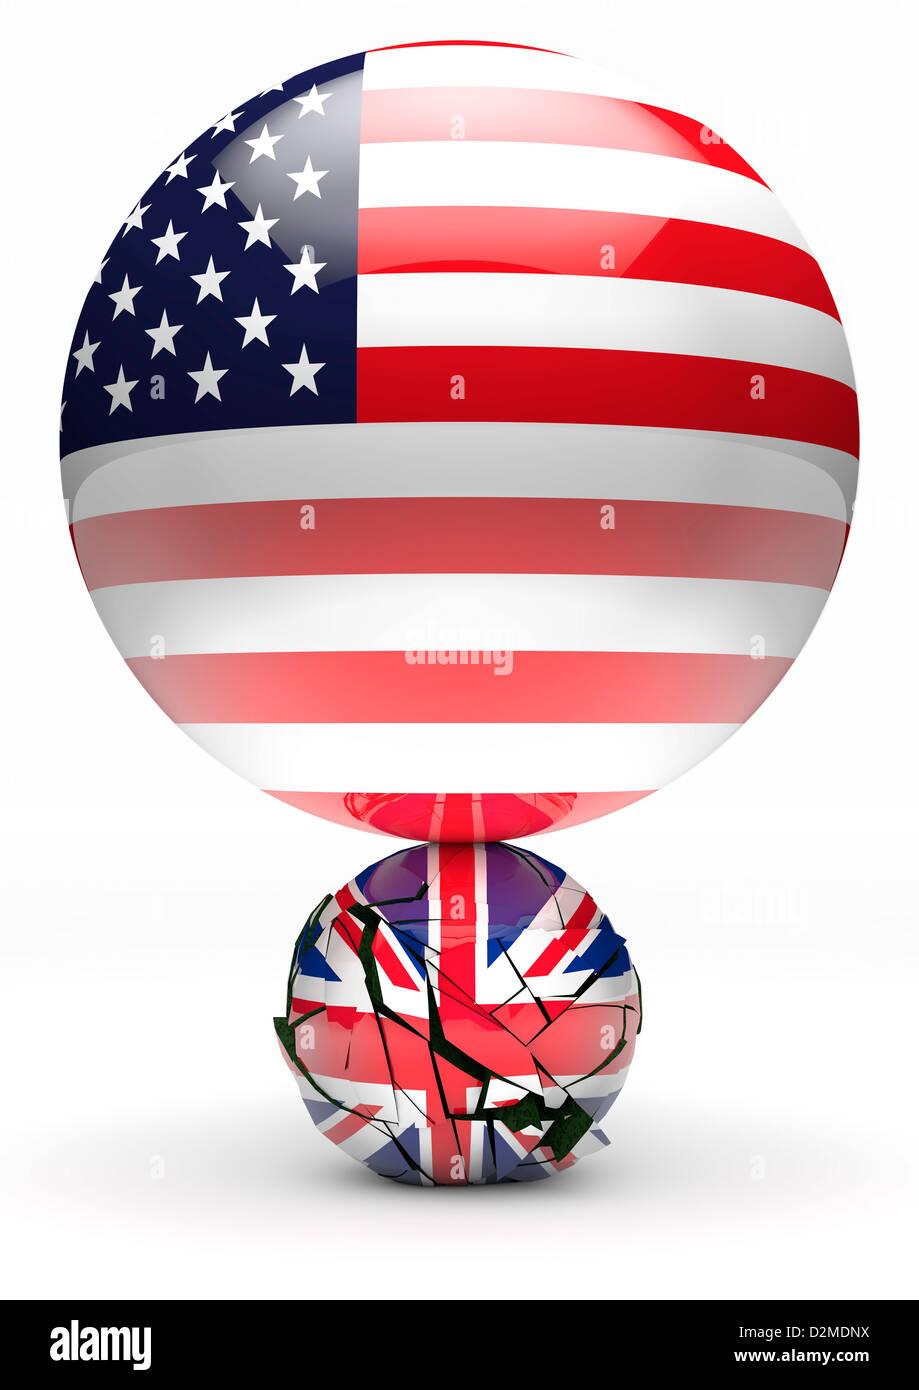 Gran Bandera Americana sphere aplastamiento menor Unión Británica Bandera sphere - Power balance / concepto Imagen De Stock